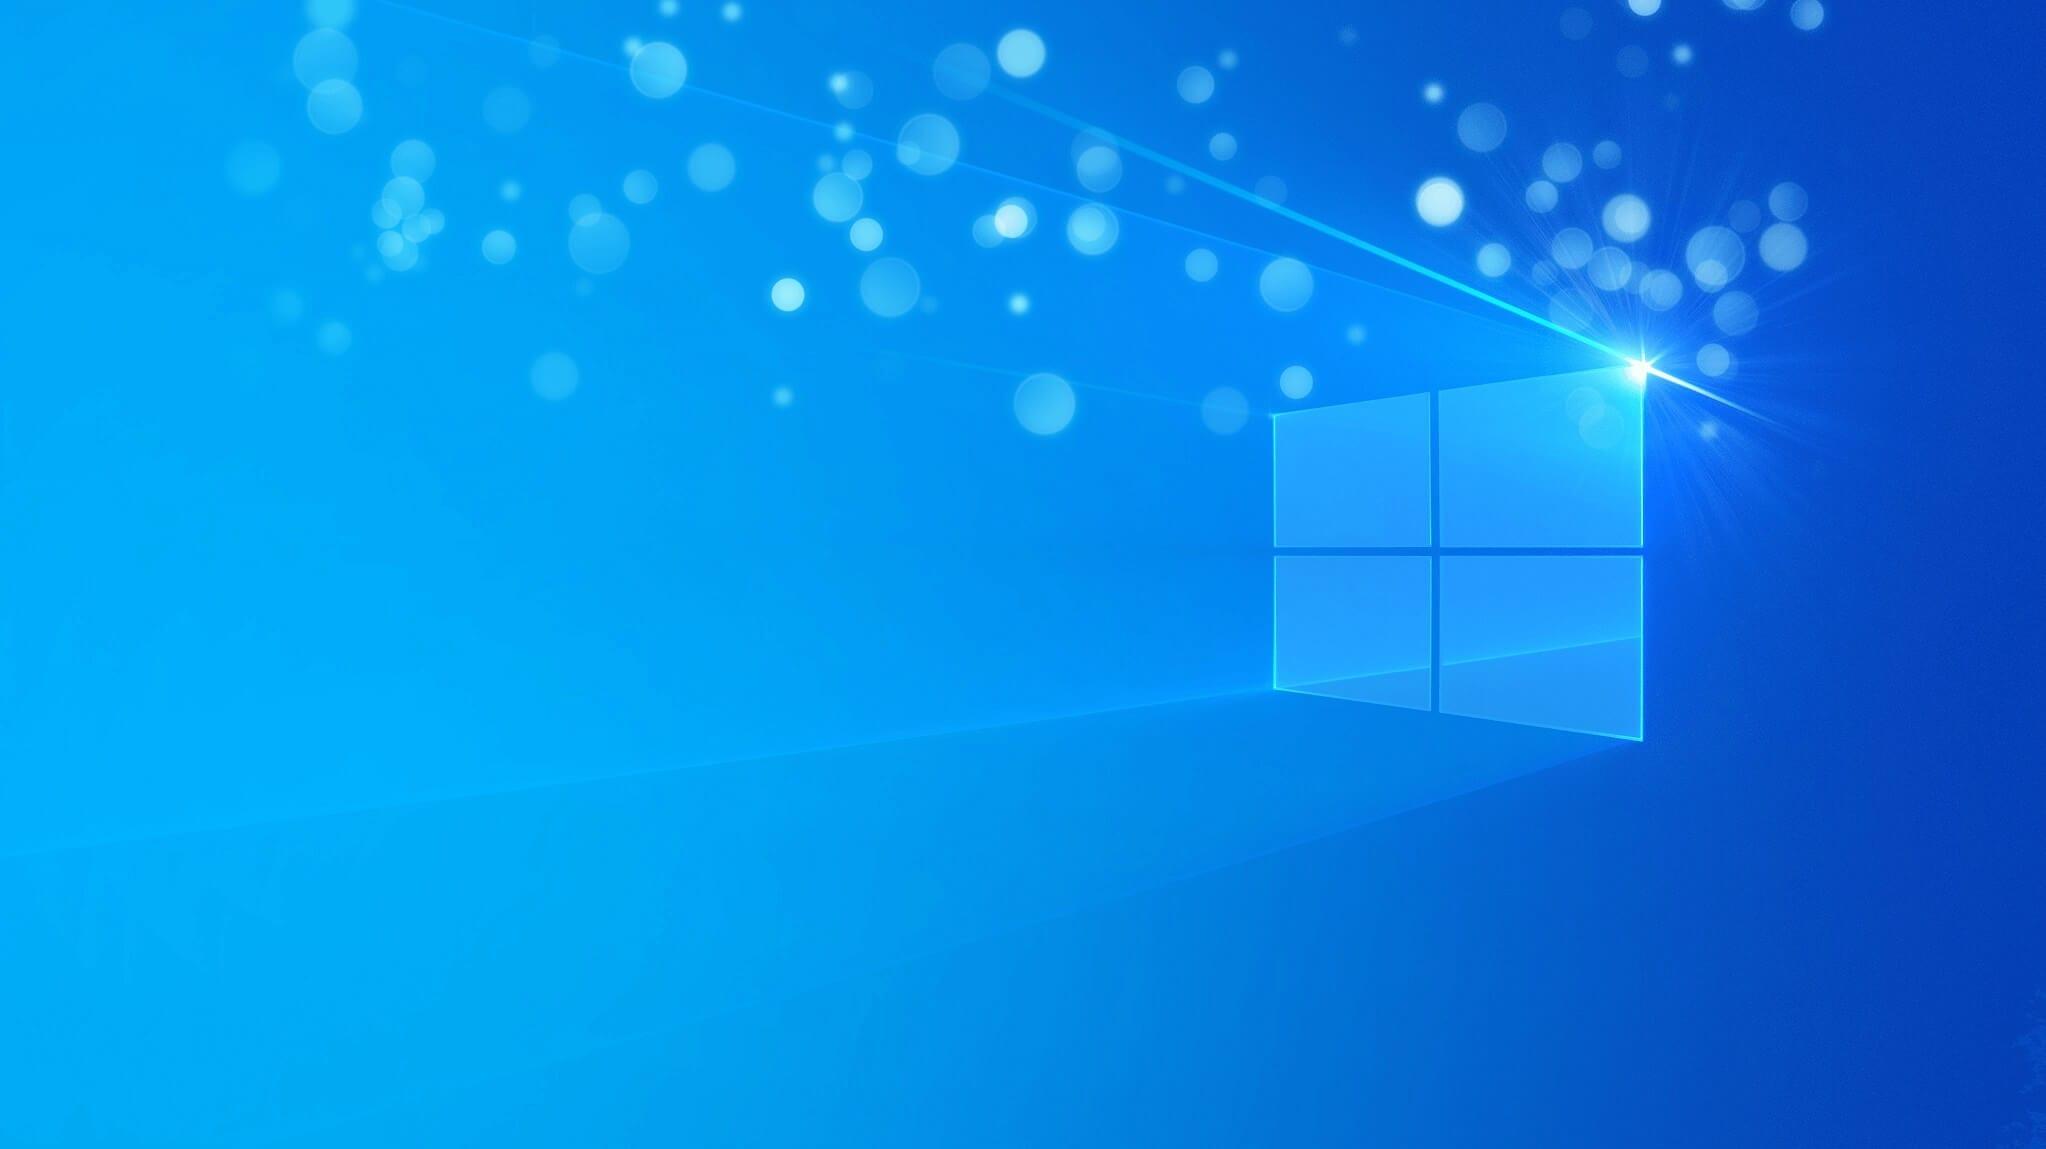 Windows 10 : comment désactiver les applications au démarrage ?